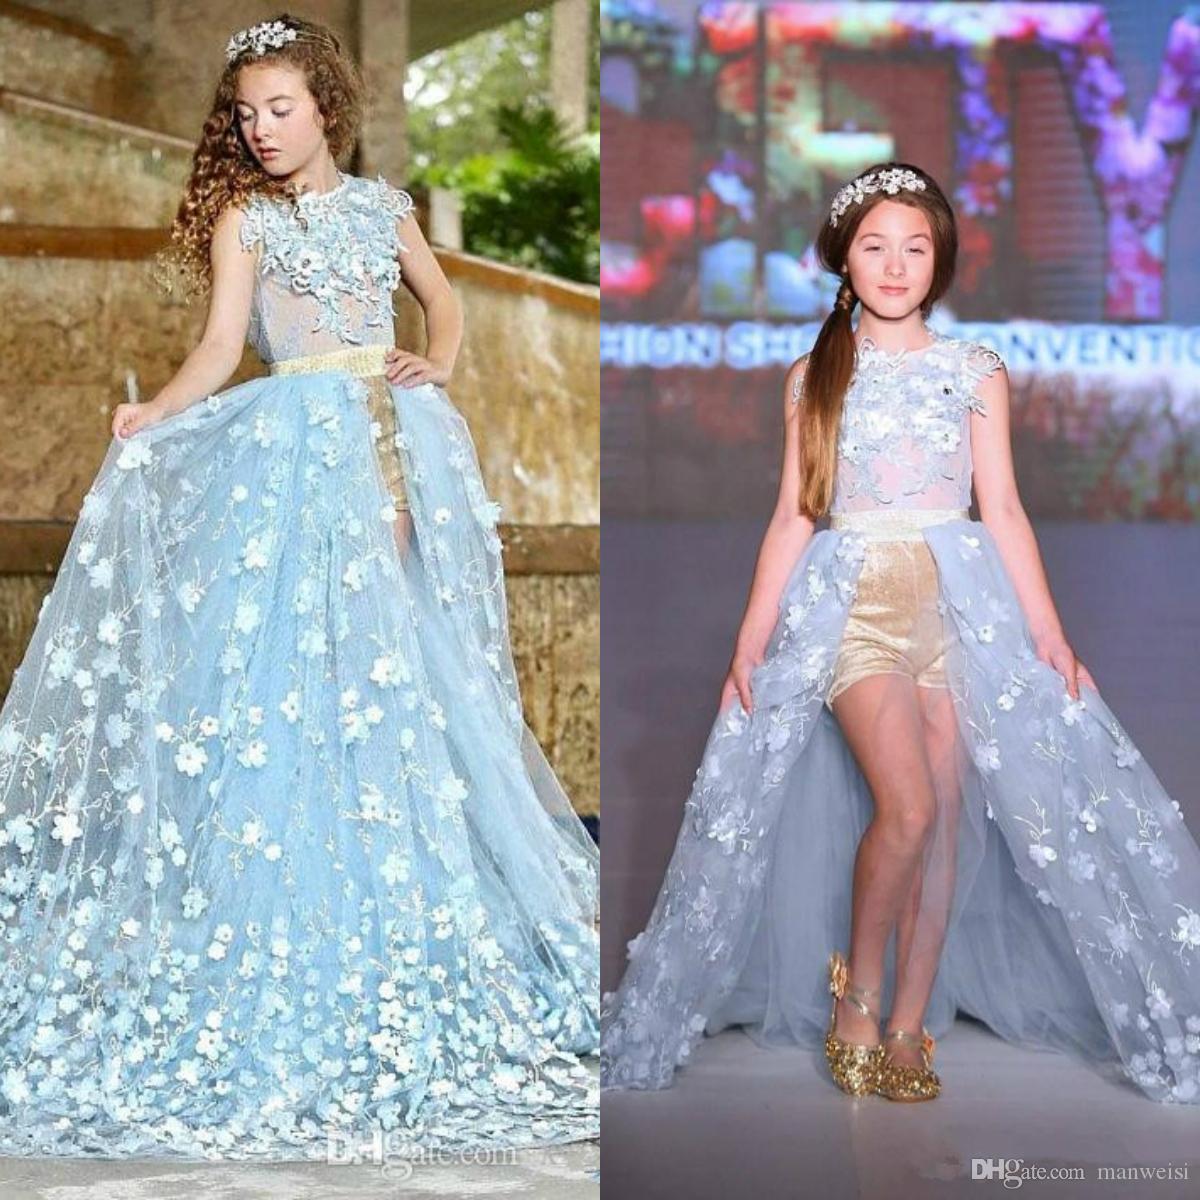 Heißer Verkauf Blau Prinzessin Blume Mädchen Kleider Für Hochzeiten Spitze Kinder Formal Wear Fashion Pageant Outfit Tüll Kleid